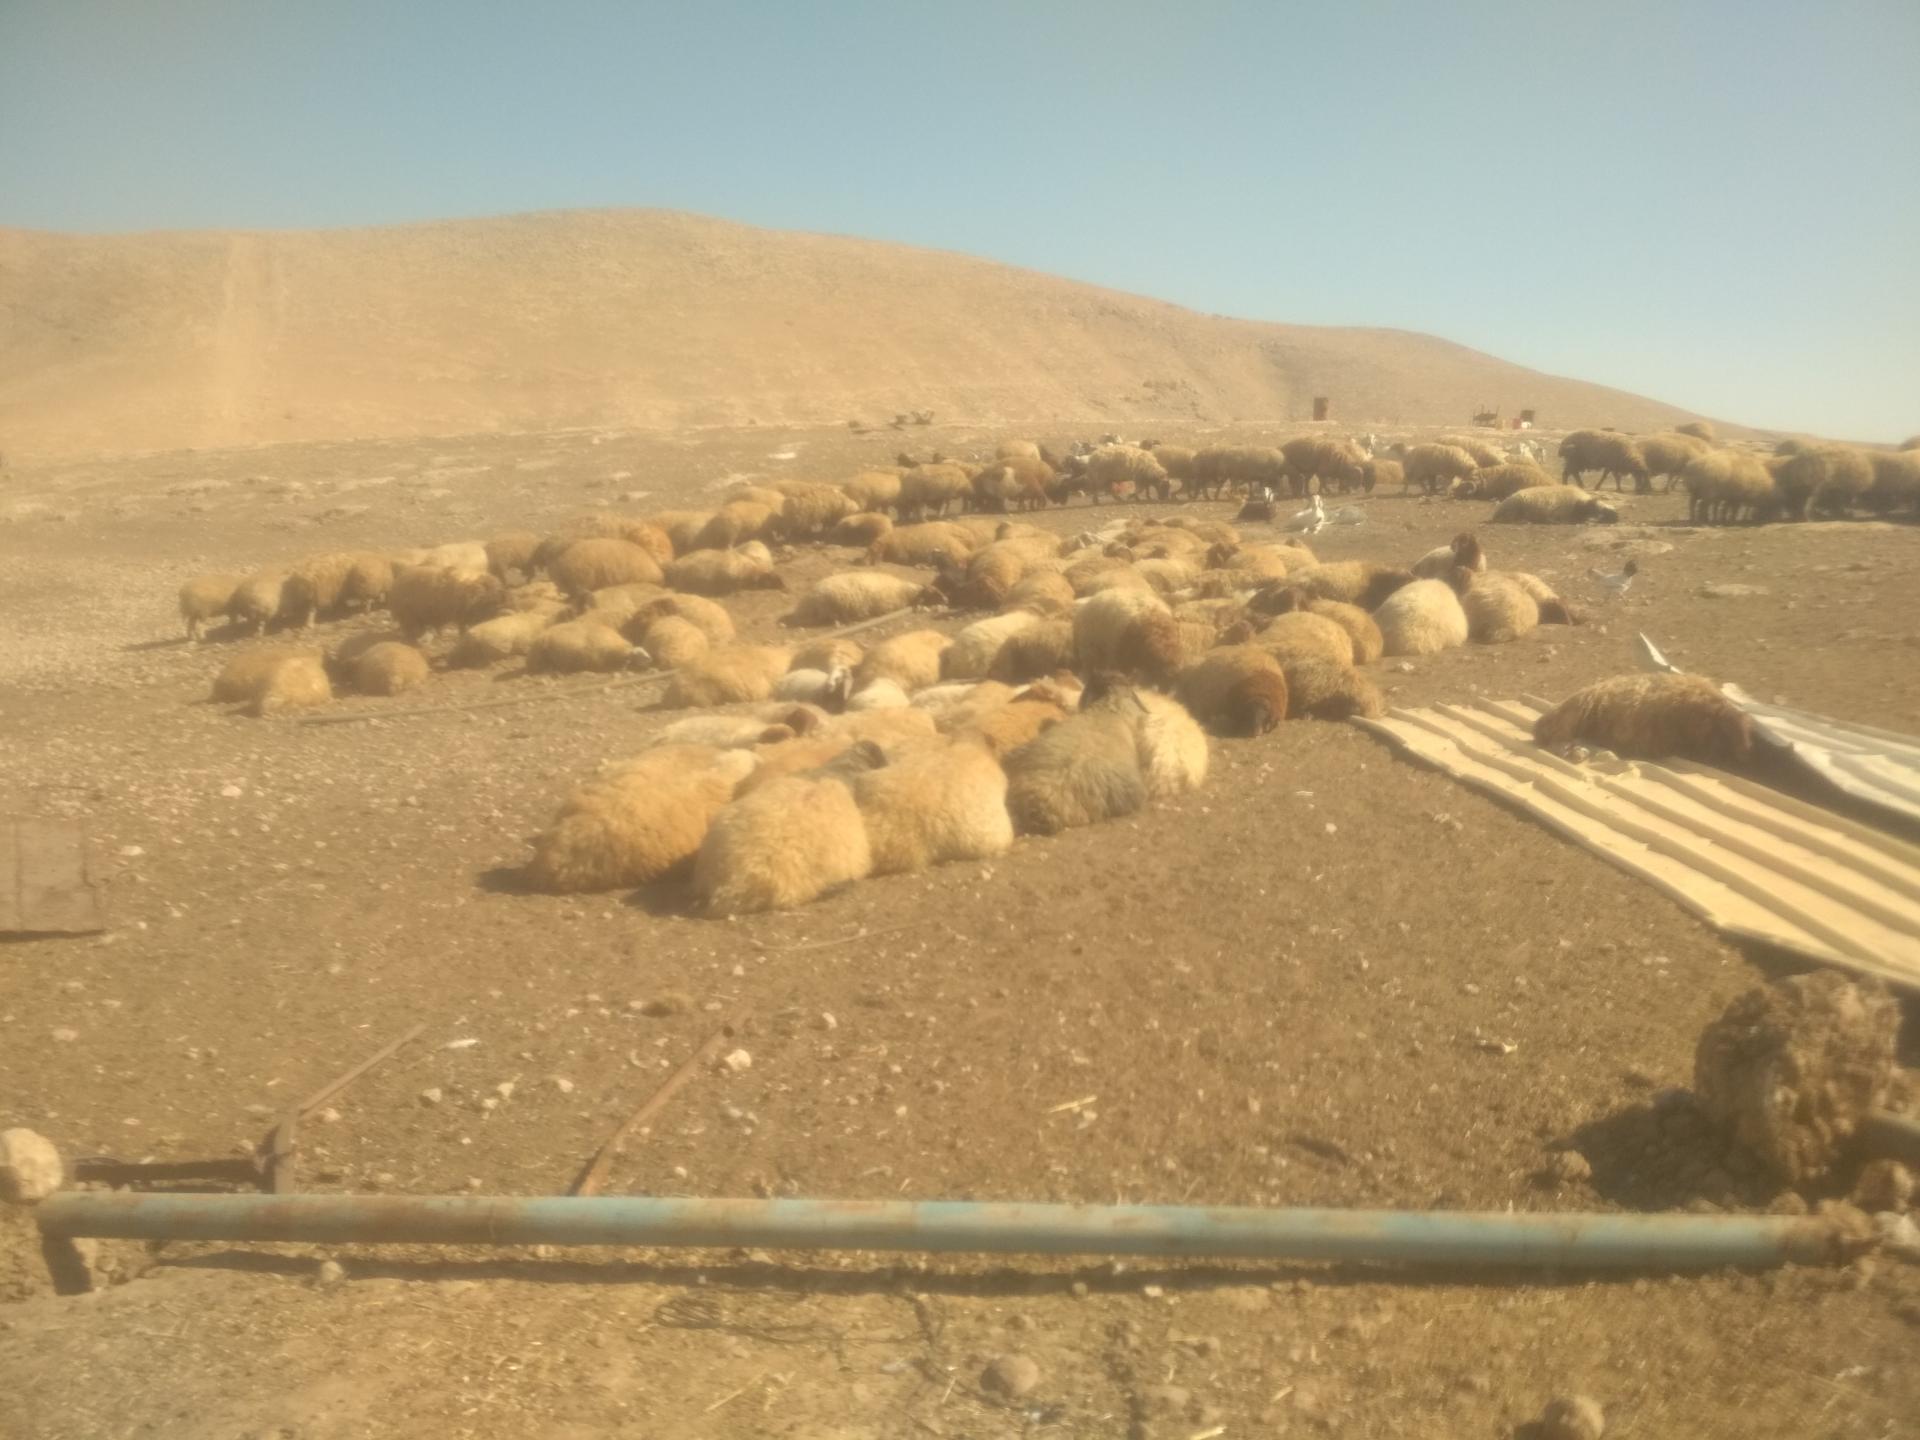 בקעת הירדן: עדר הכבשים נשאר חשוף לשמש המדבריך אחרי הריסת הדיר